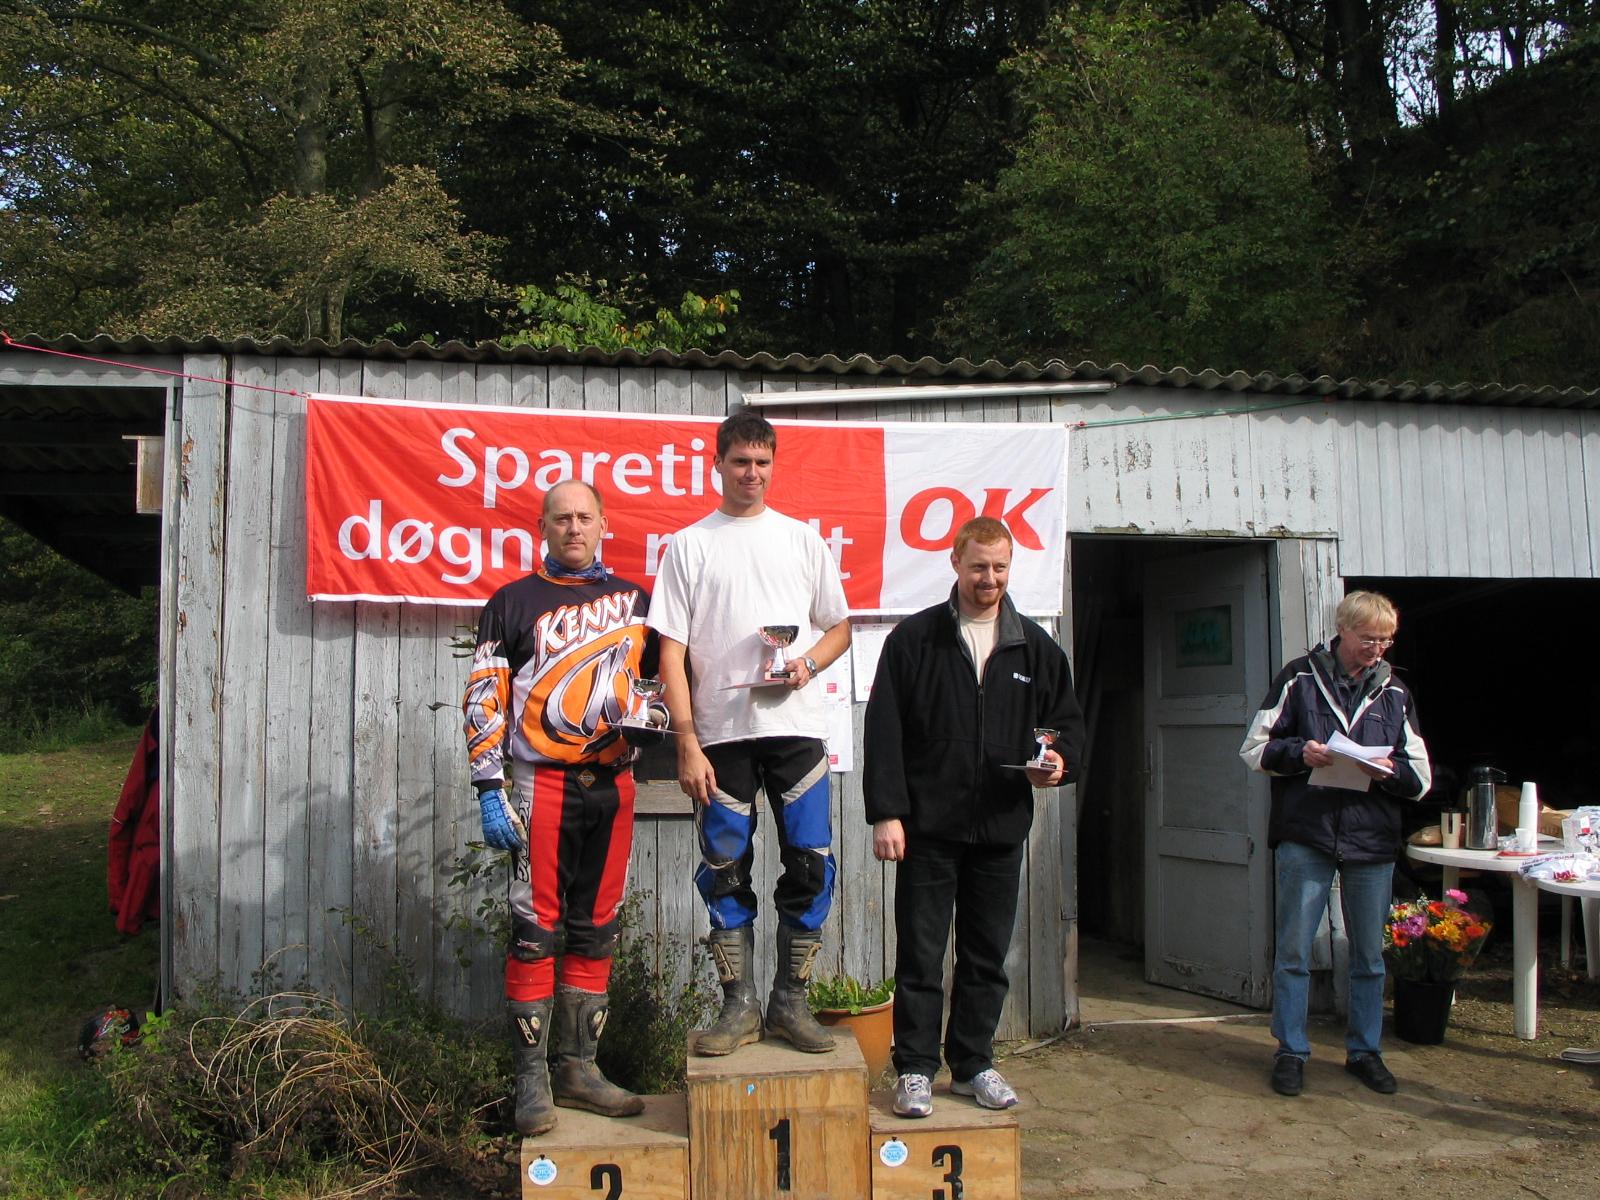 Thomas P. vandt Elite foran Kjeld Jensen og Jesper Antonsen